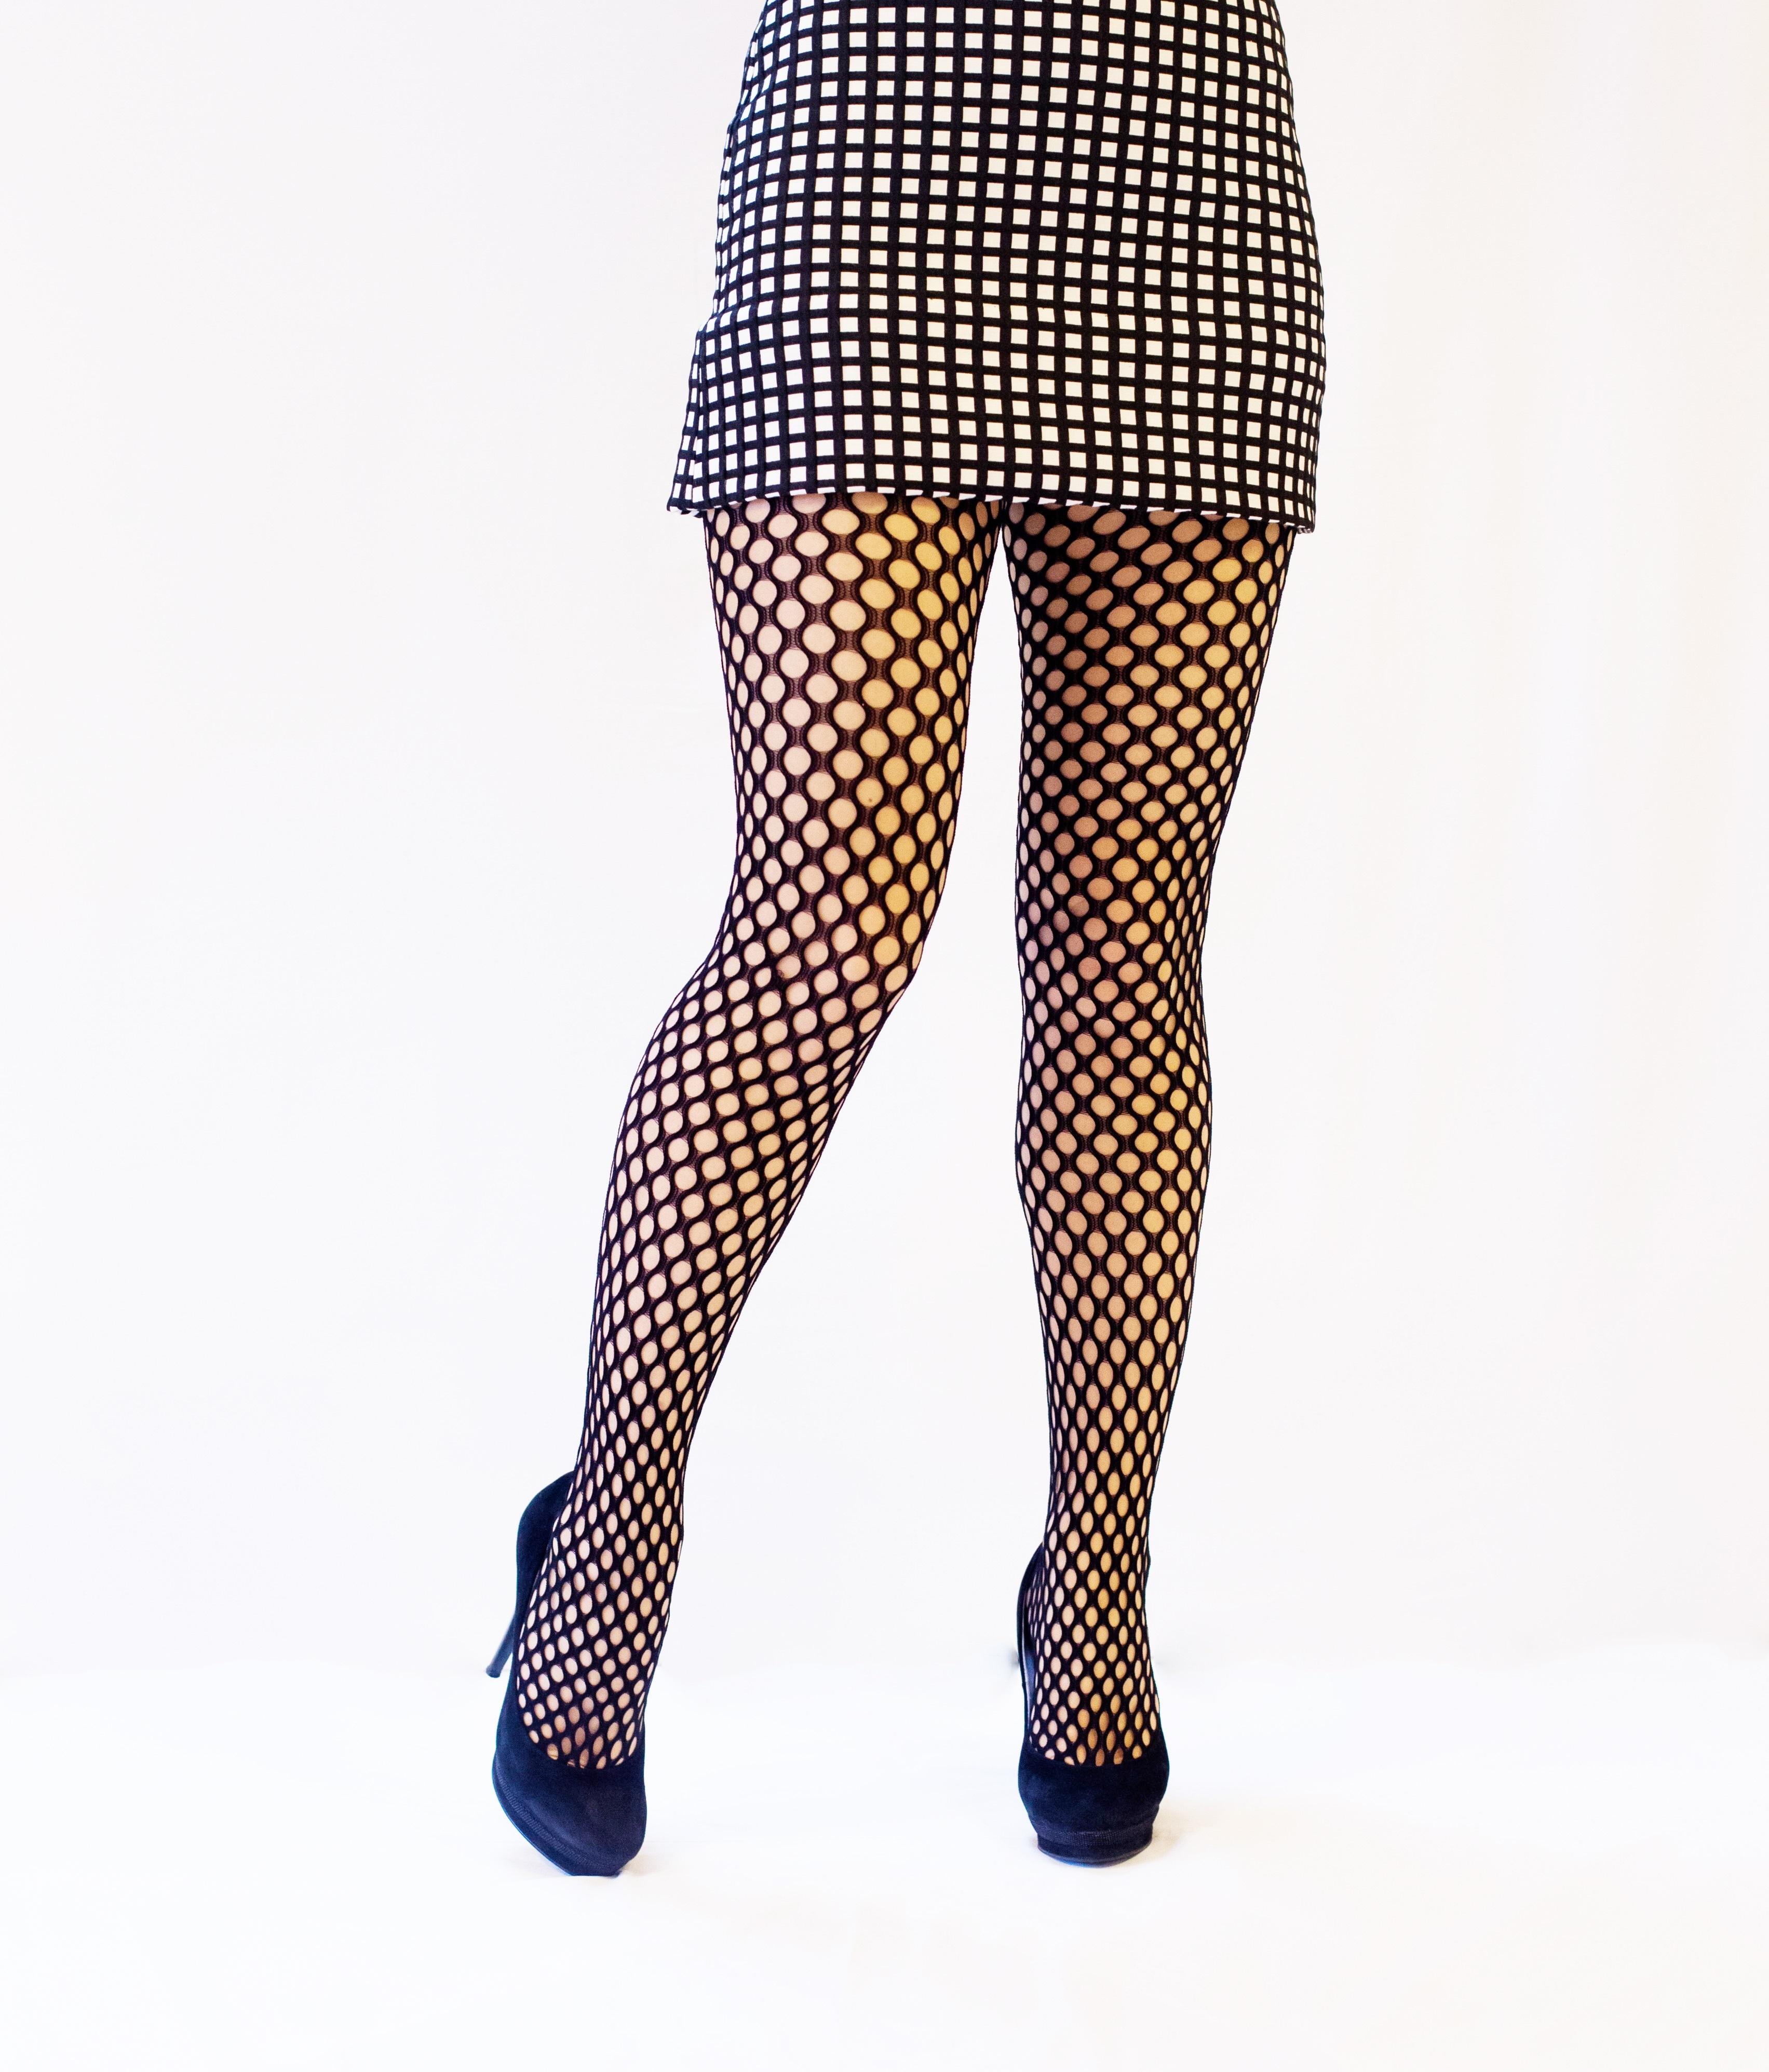 https://golden-legs.com.ua/images/stories/virtuemart/product/IMG_1838.jpg